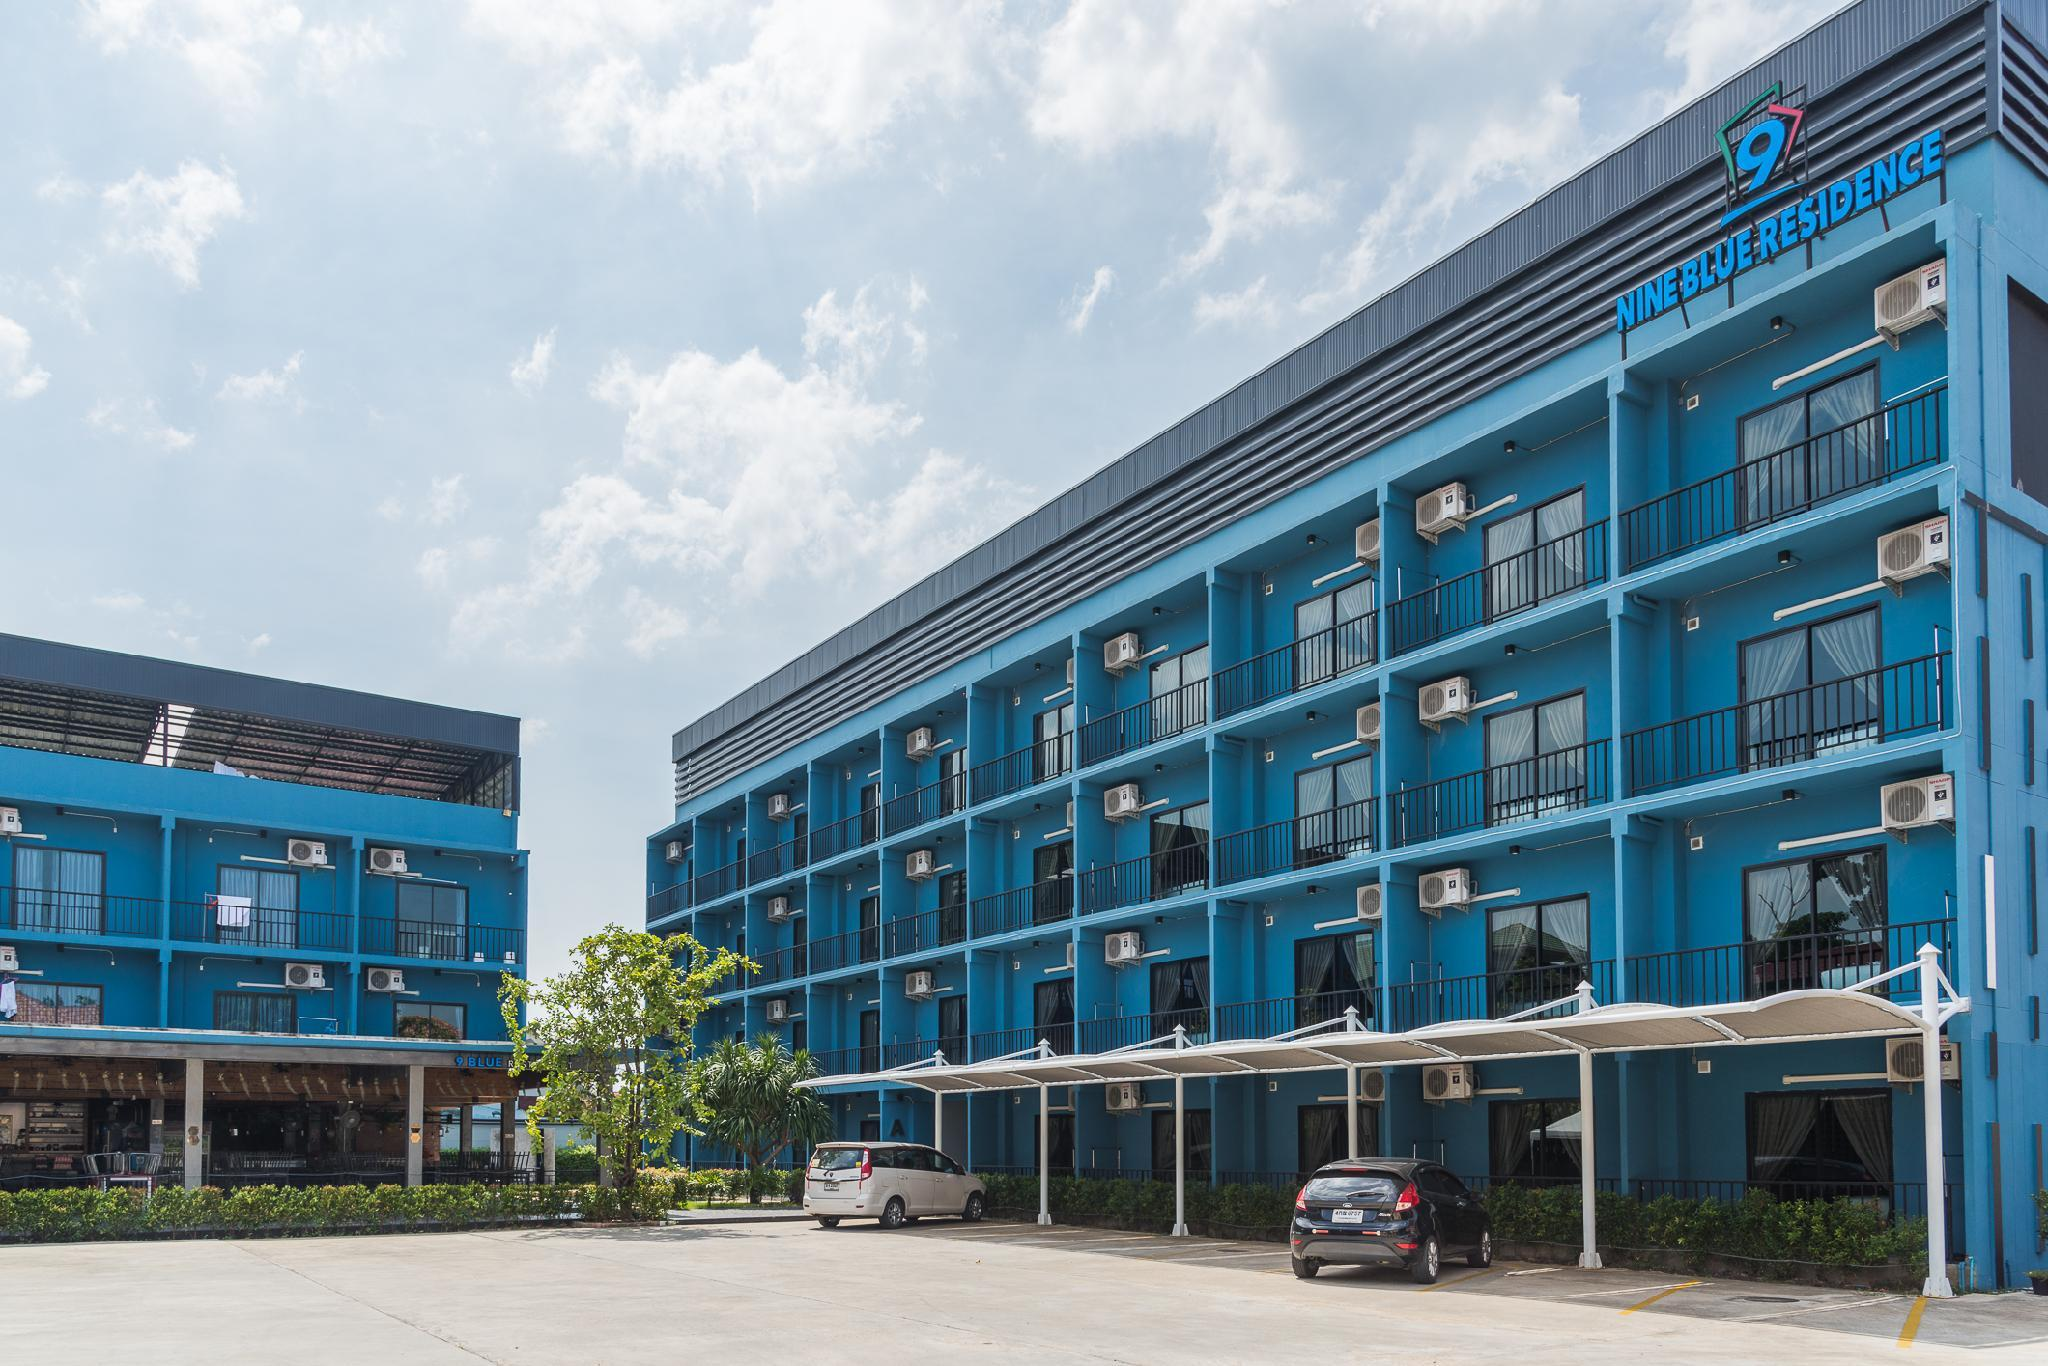 Nine Blue Residence